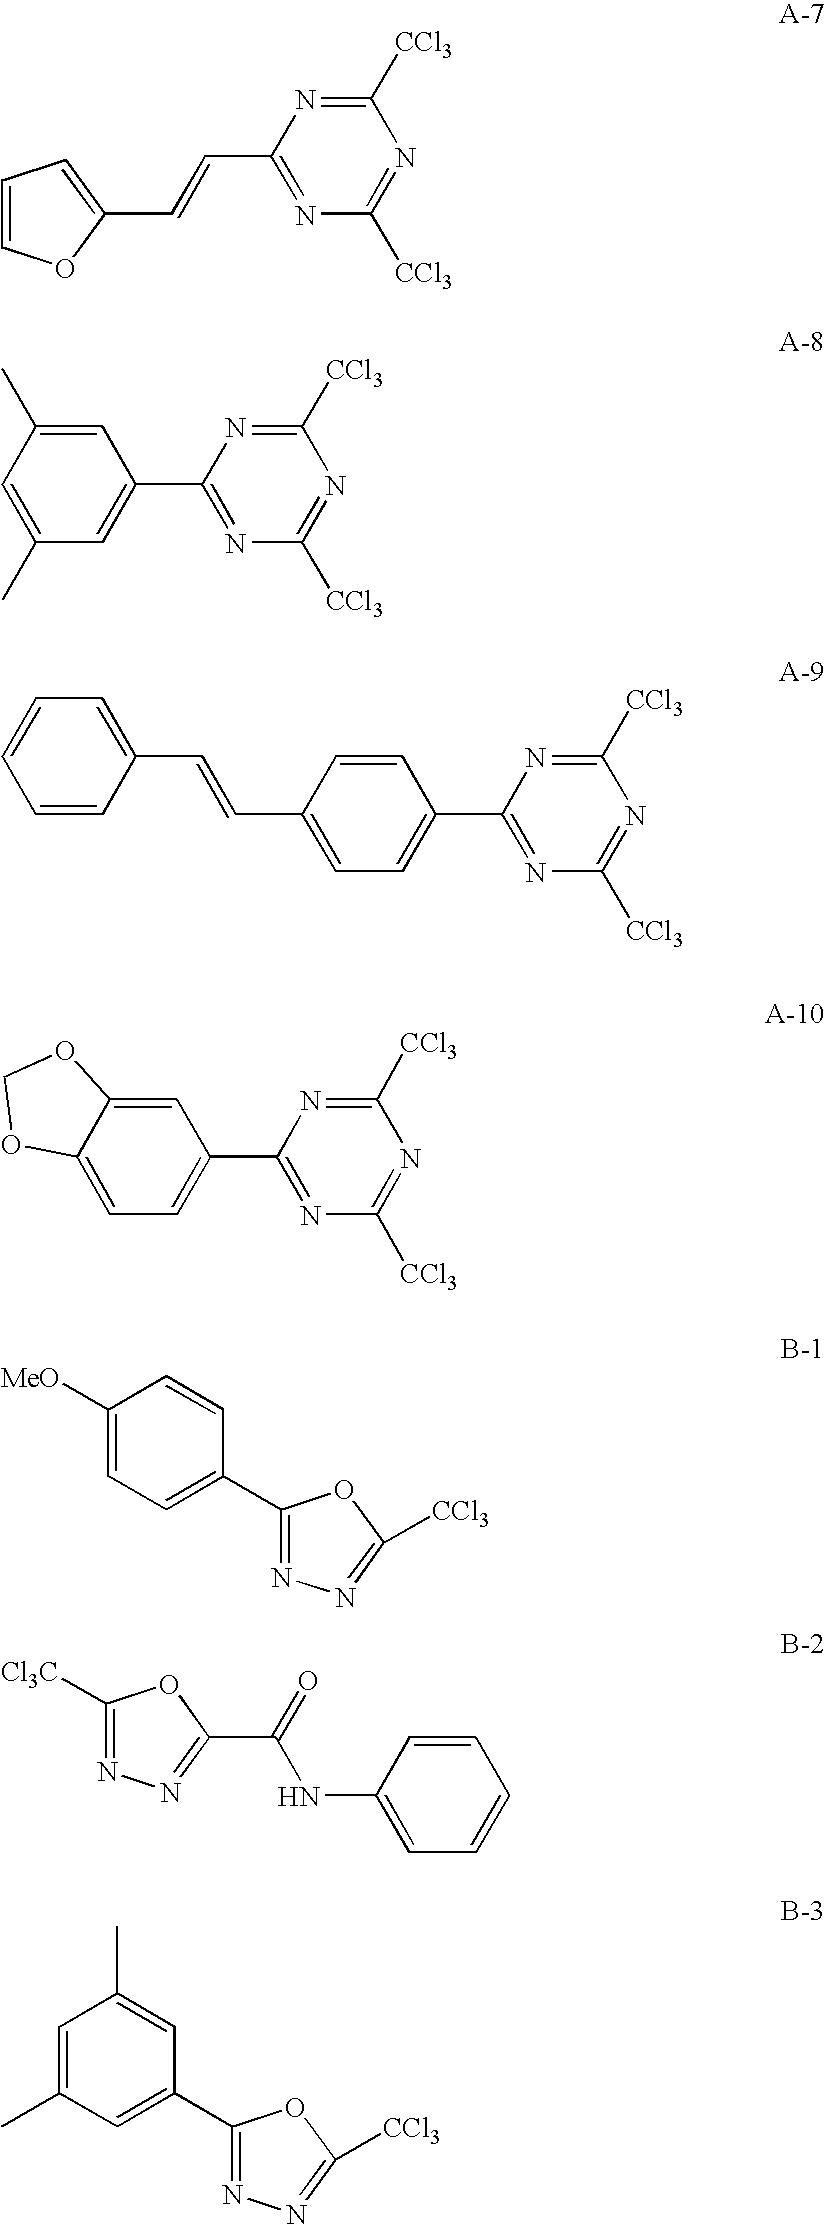 Figure US20090066883A1-20090312-C00007